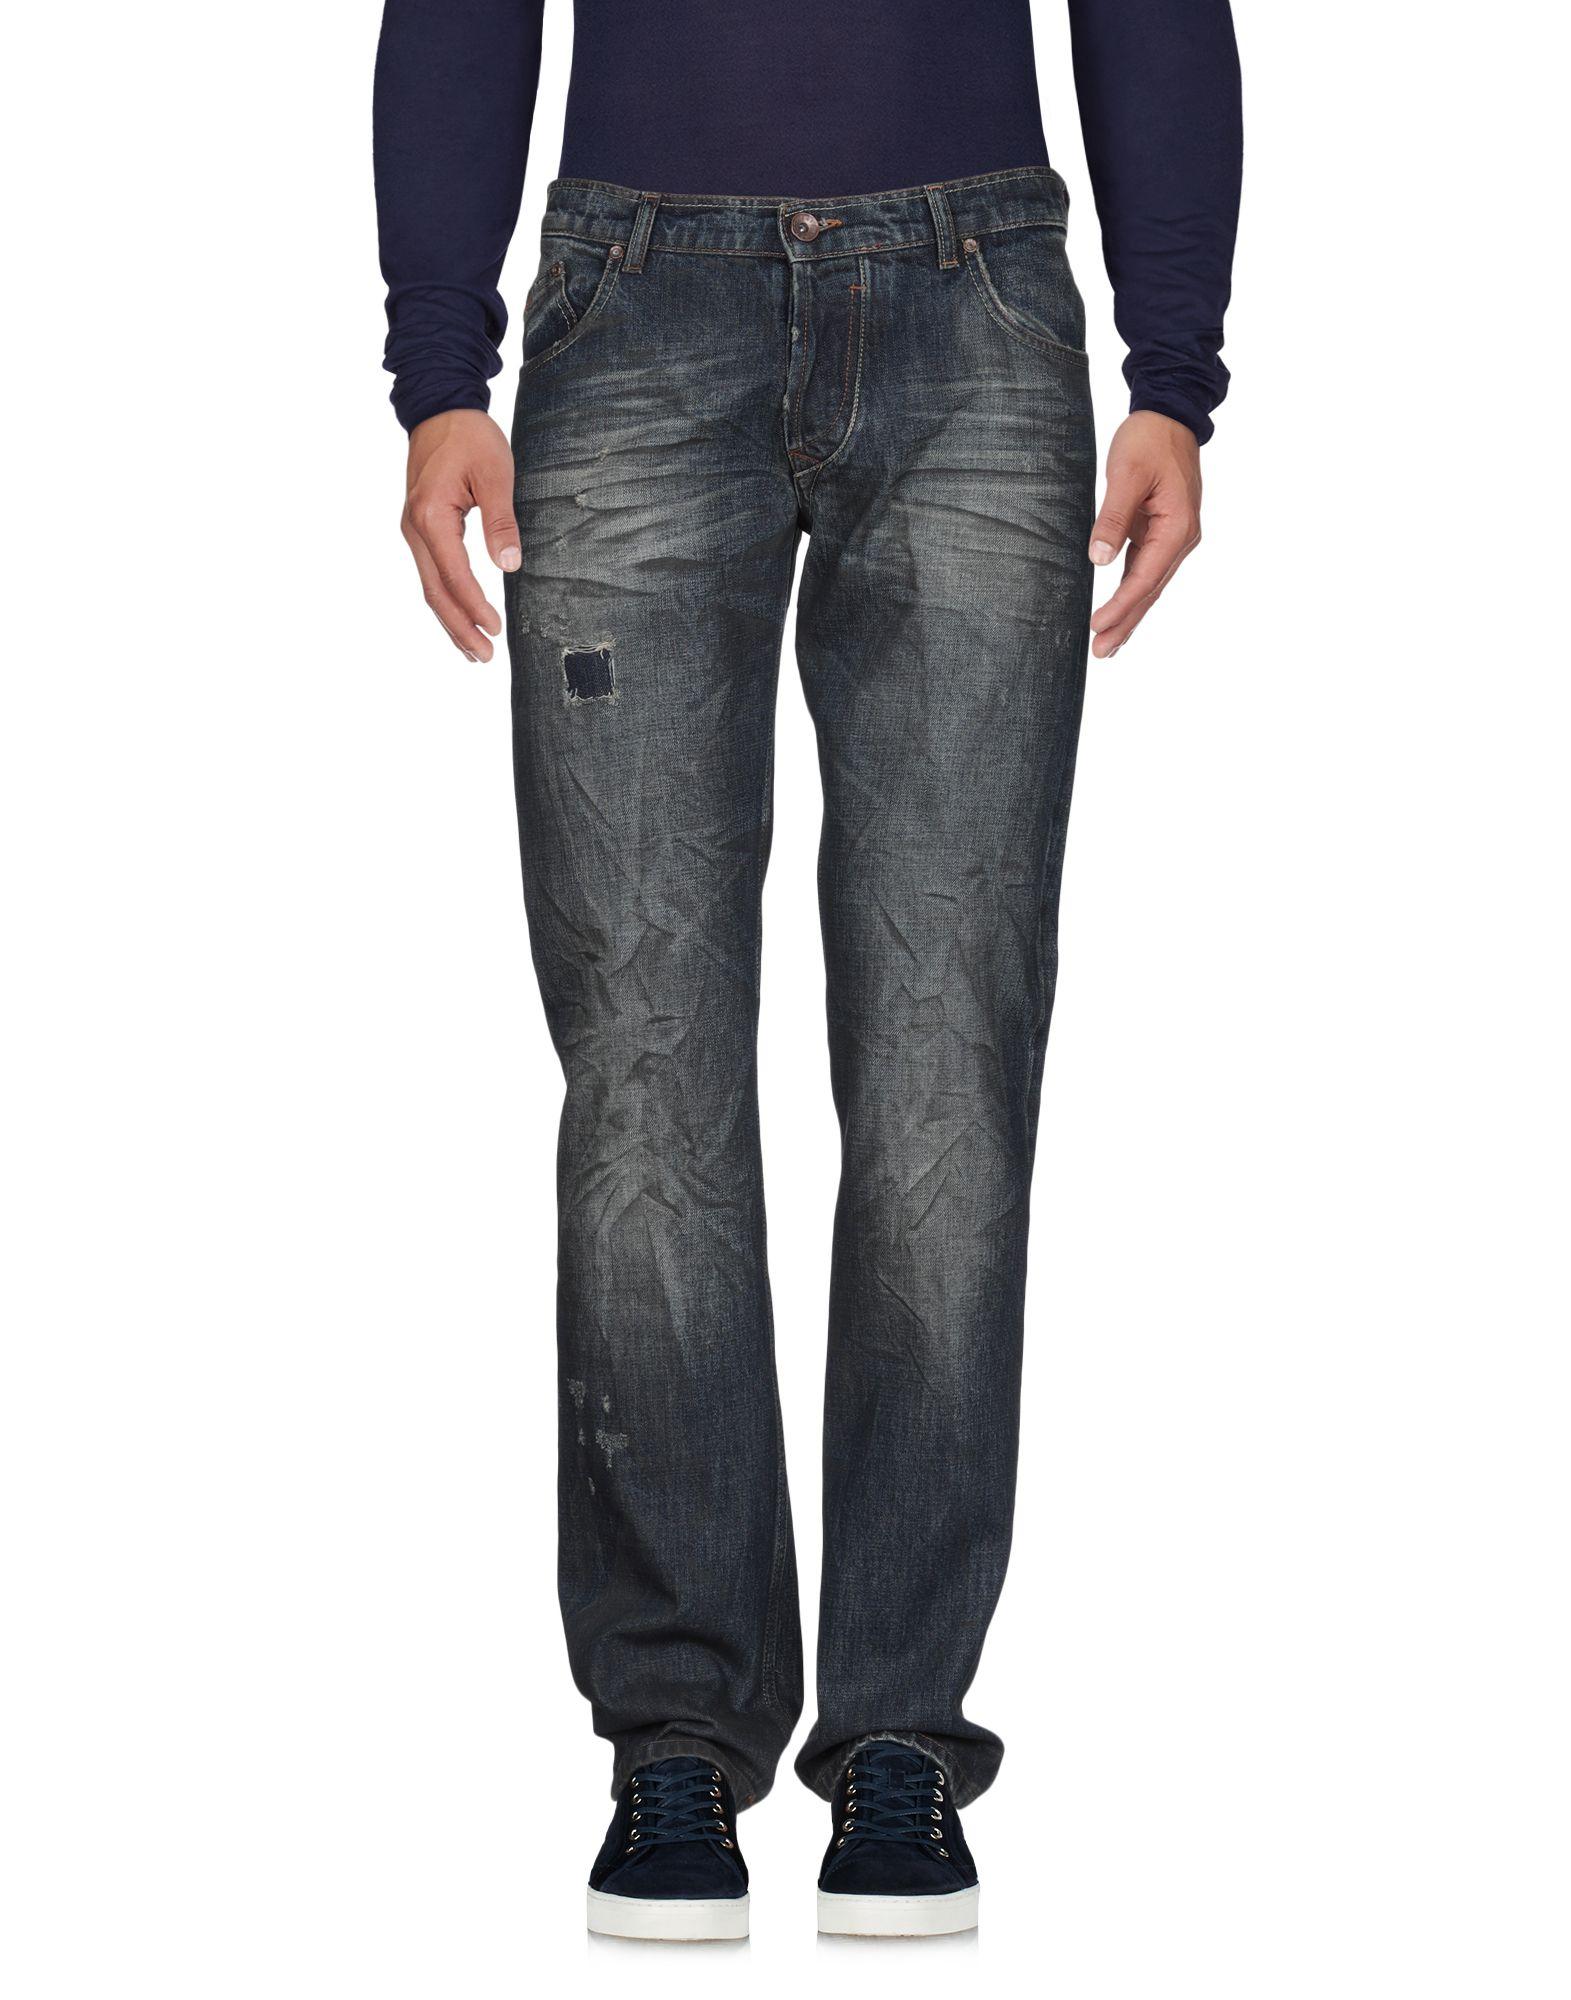 Pantaloni Jeans Jeans Pantaloni Brian Dales Uomo - 42685250XV 93417e